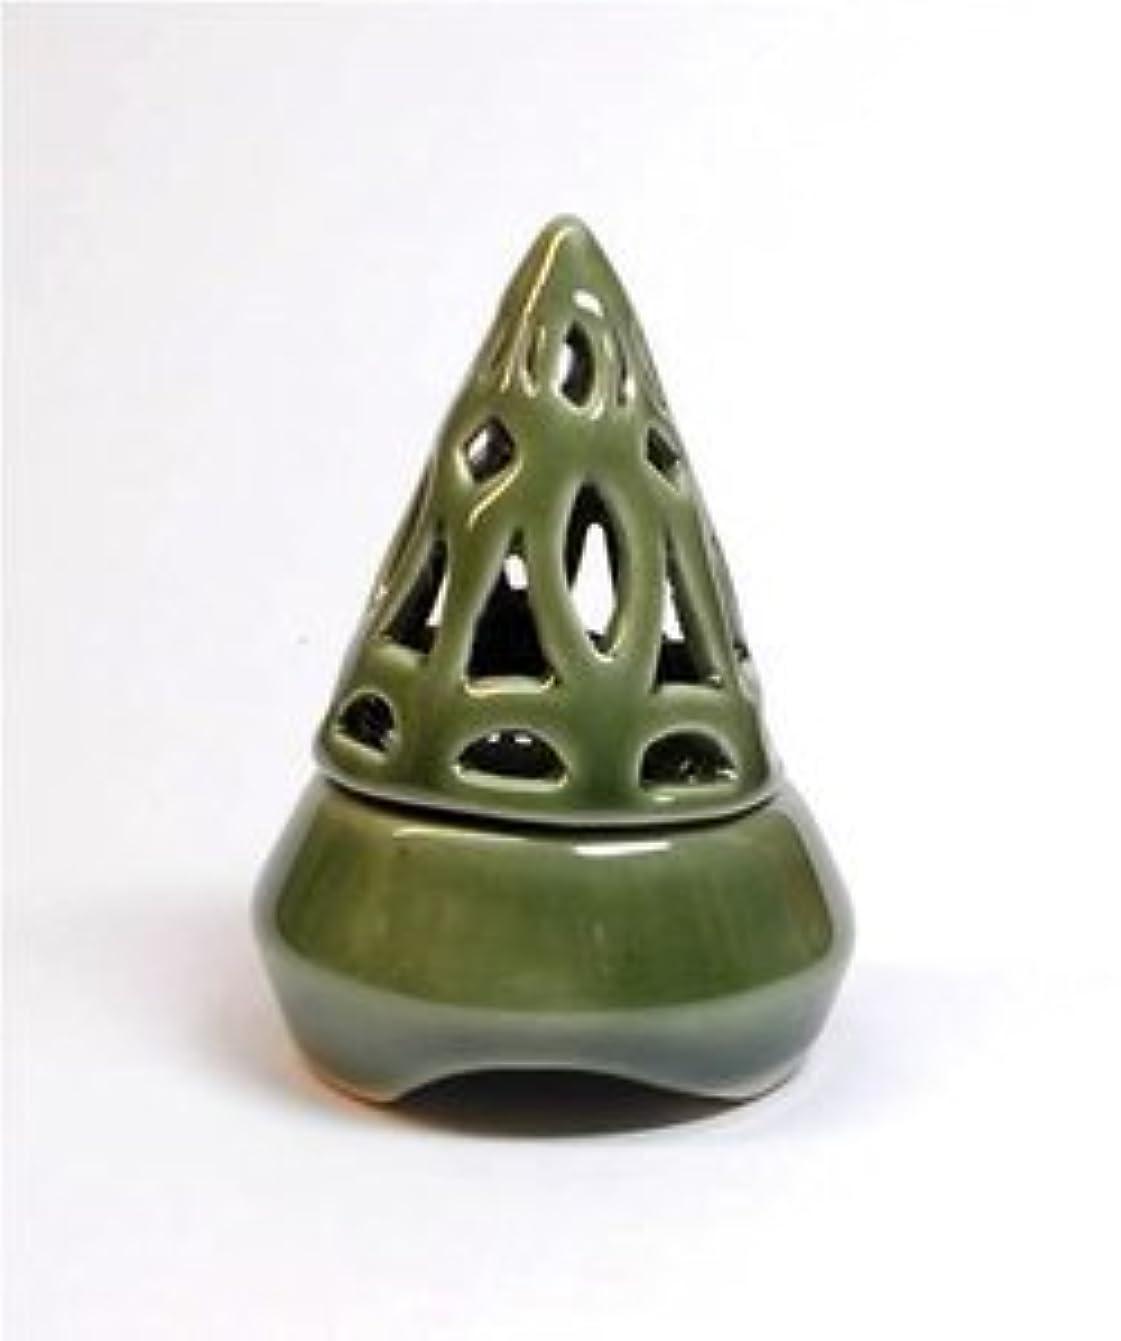 振り向く自慢泣き叫ぶ香炉コーン型 緑 インセンス ホルダー コーン用 お香立て アジアン雑貨